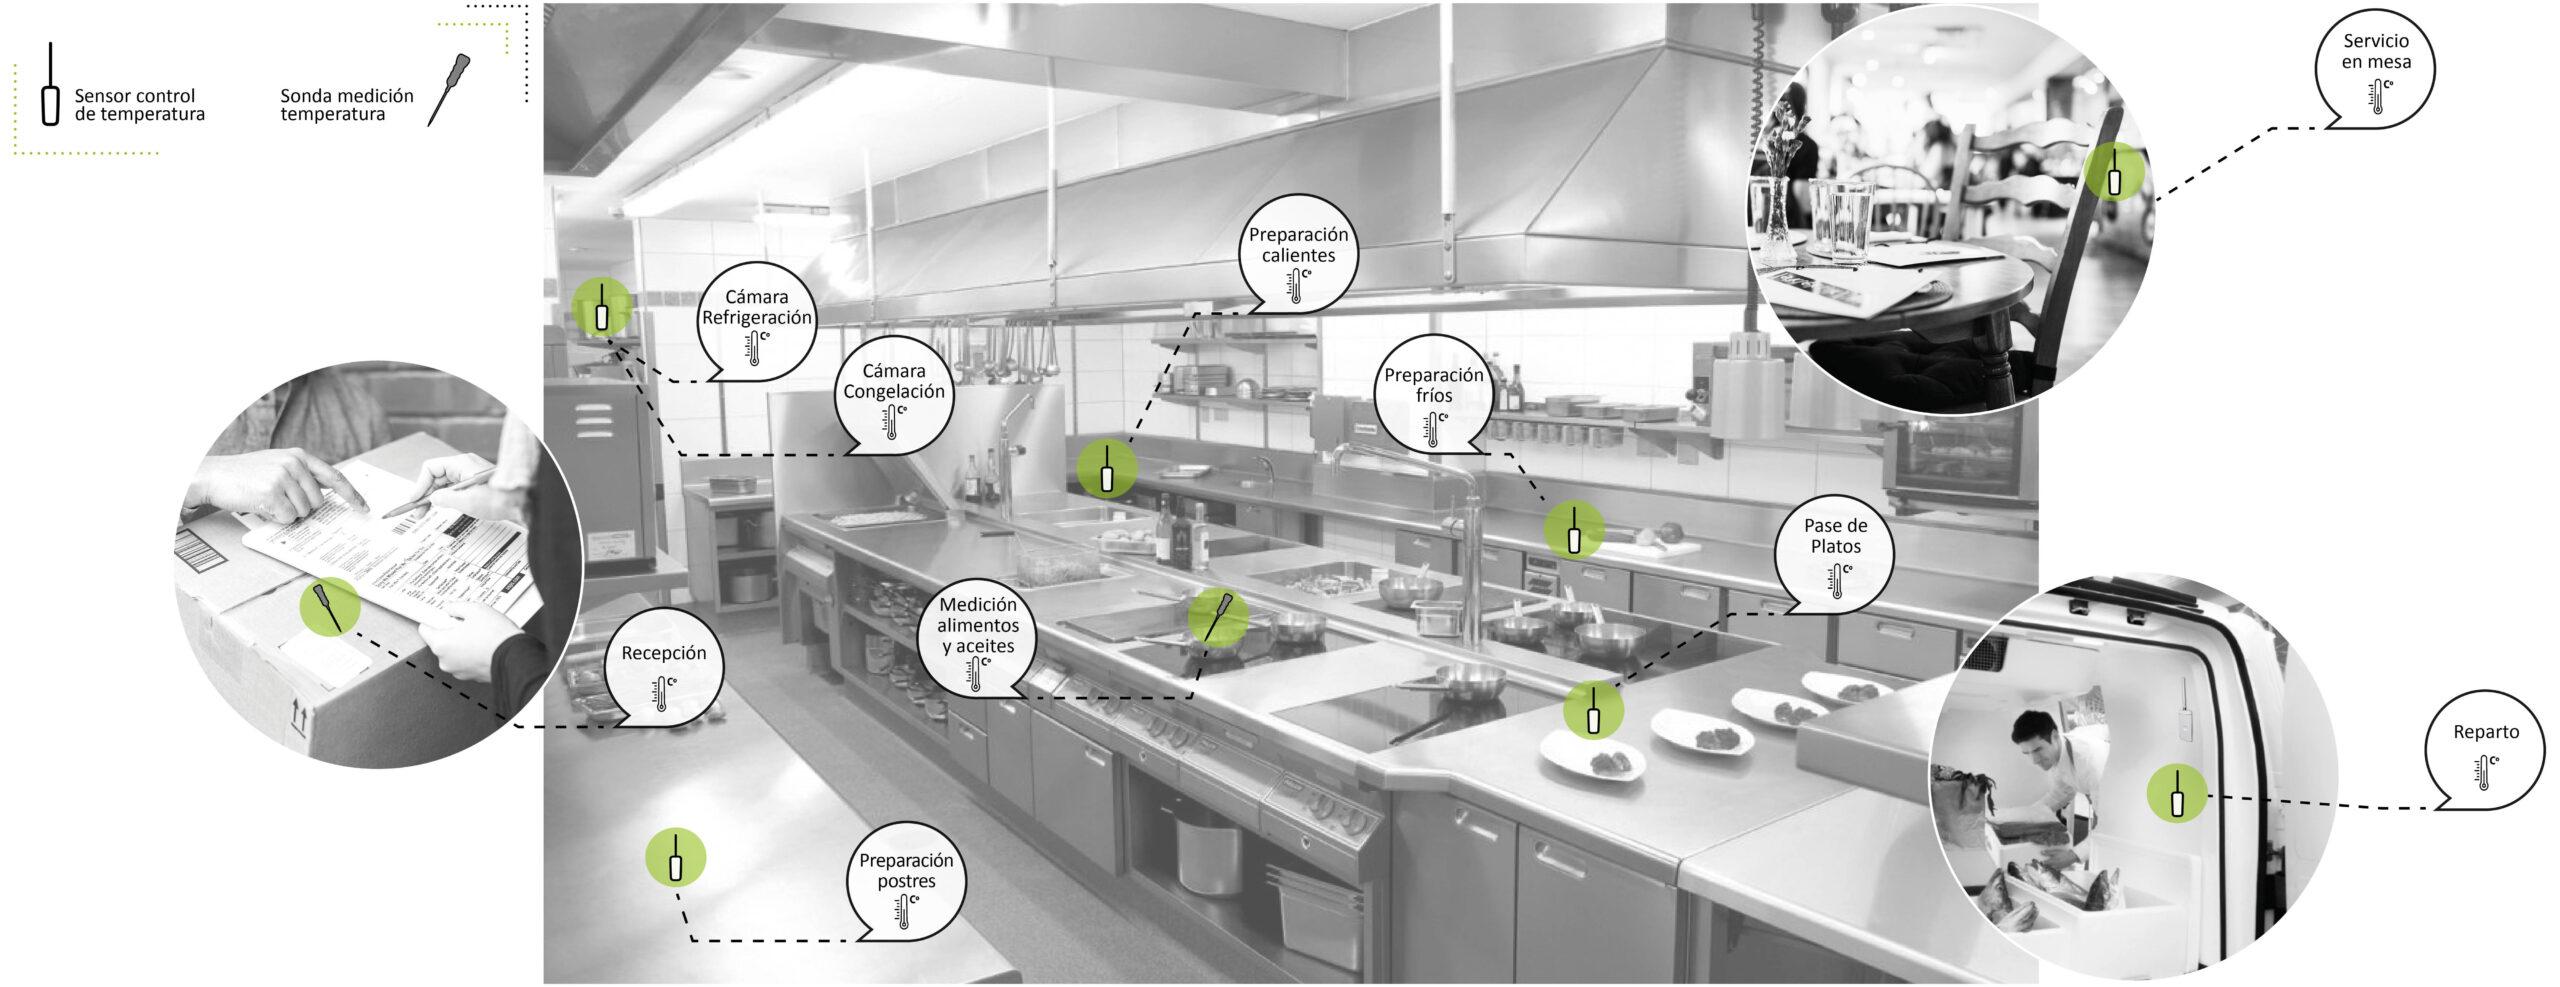 soluciones-de-temperatura-para-cocinas